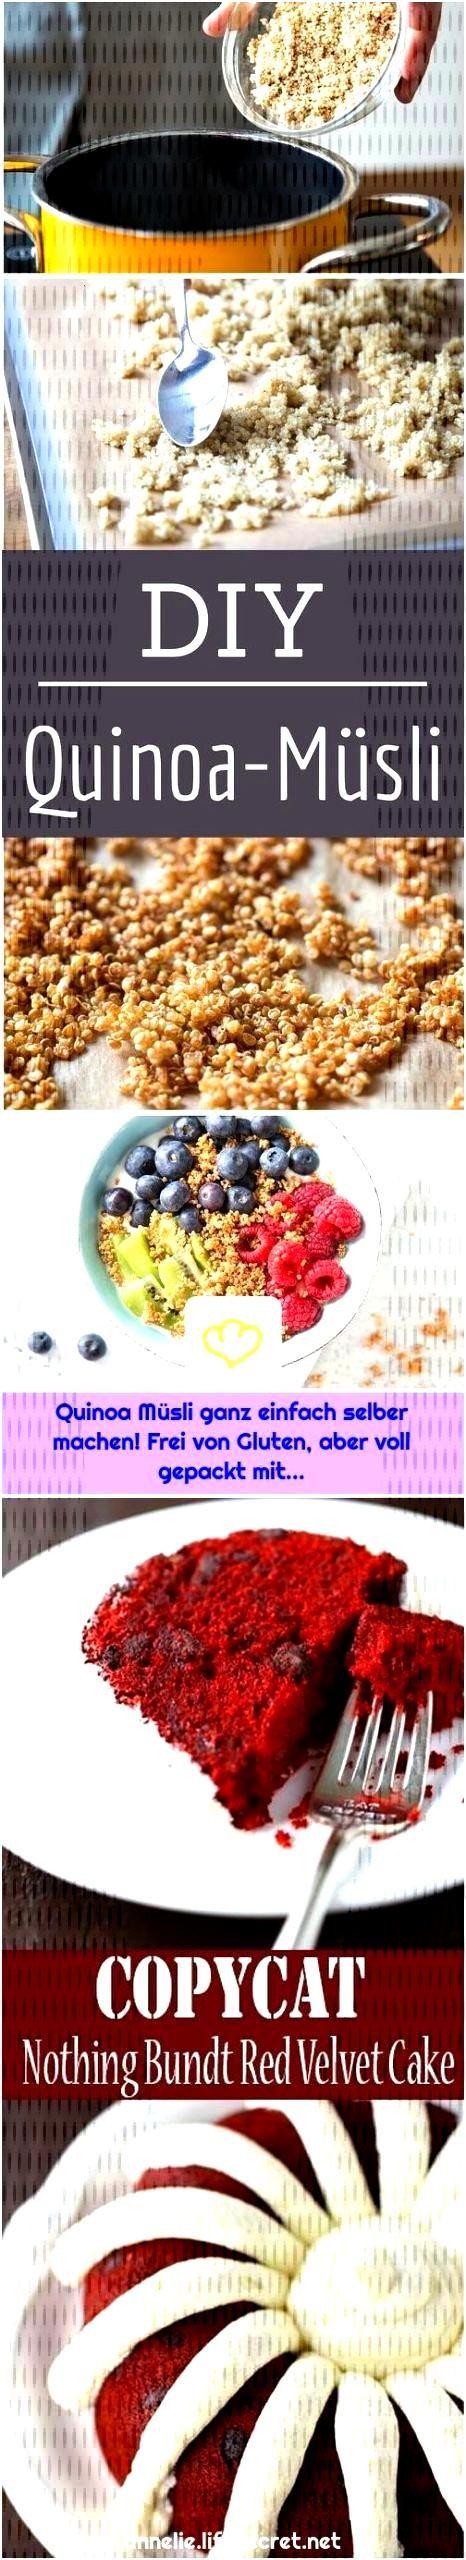 Quinoa Müsli ganz einfach selber machen! Frei von Gluten, aber voll gepackt mit...    1. Ein B